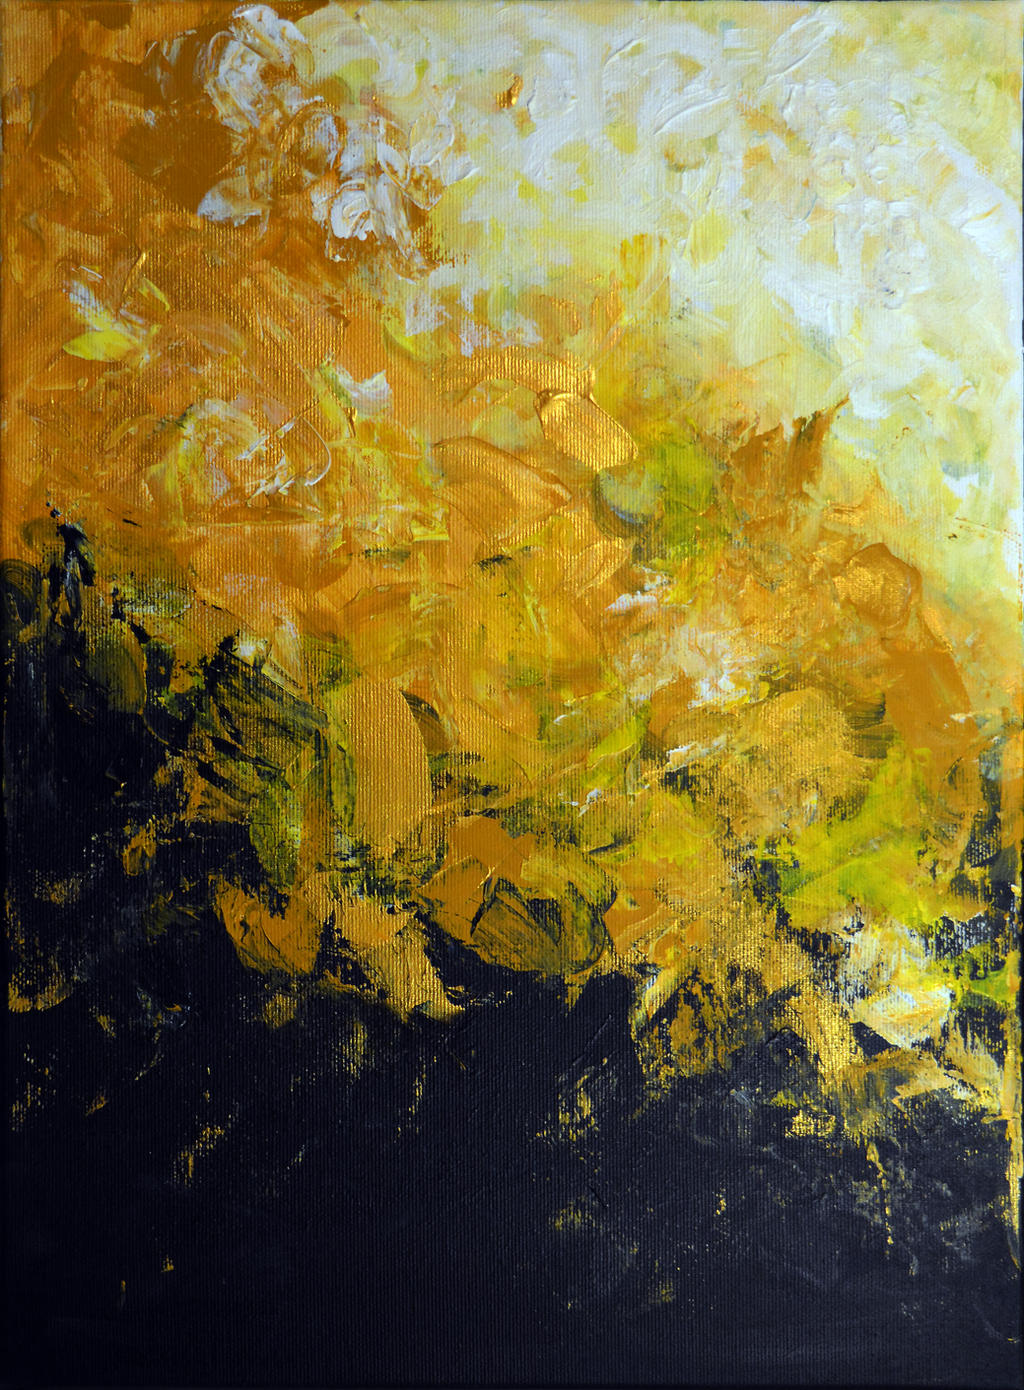 Golden Feelings, 2017, 40-30cm, acrylic on canvas by oanaunciuleanu